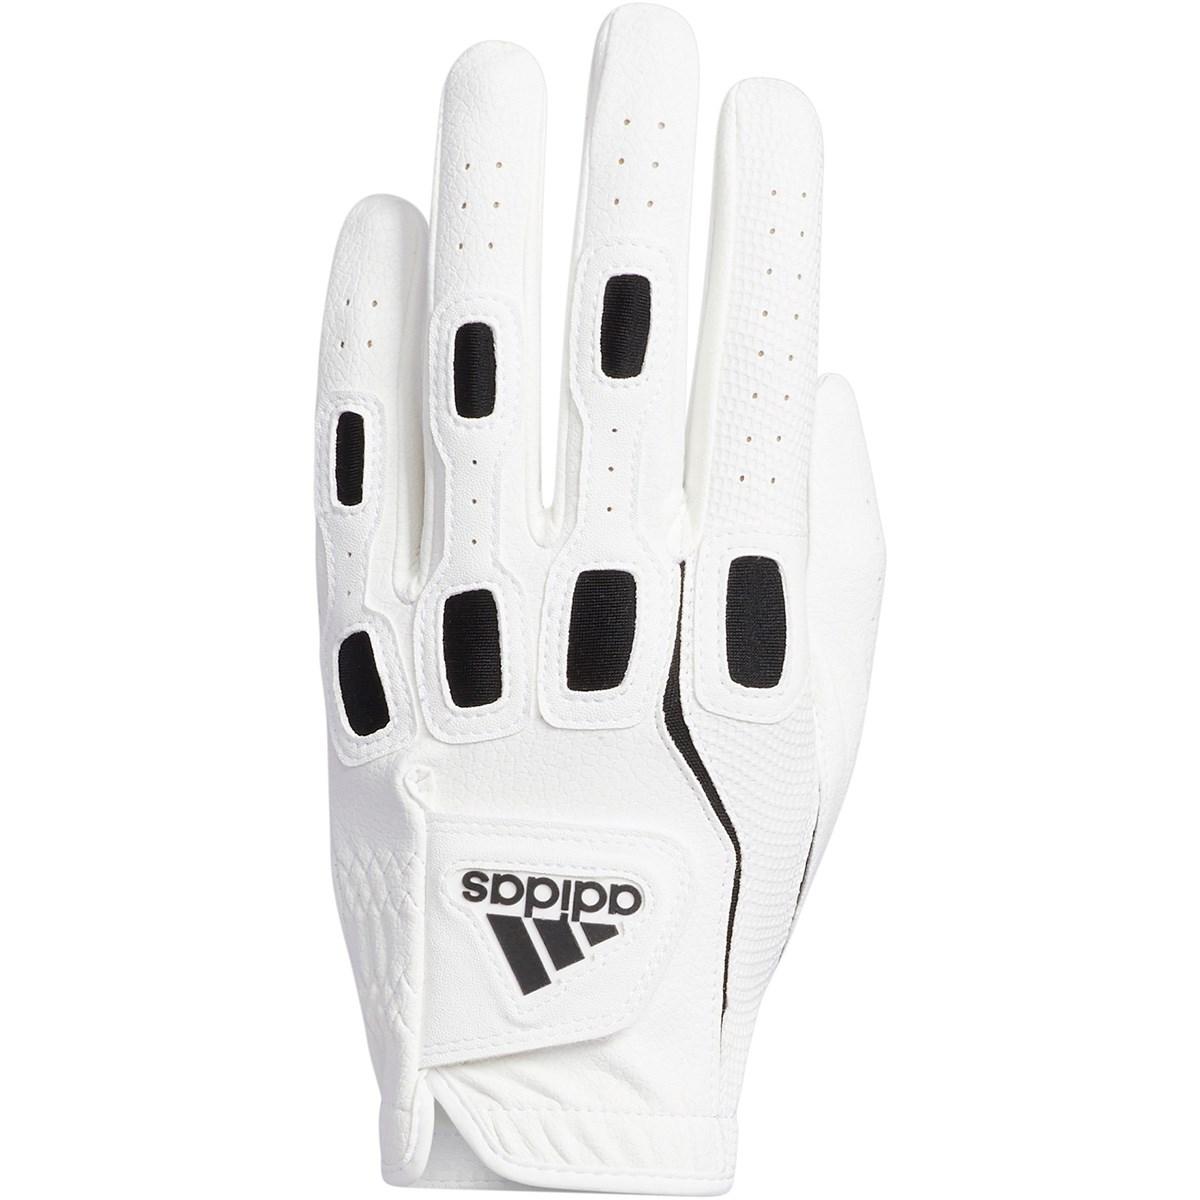 アディダス Adidas マルチフィット9 グローブ 21cm 左手着用(右利き用) ホワイト/ブラック